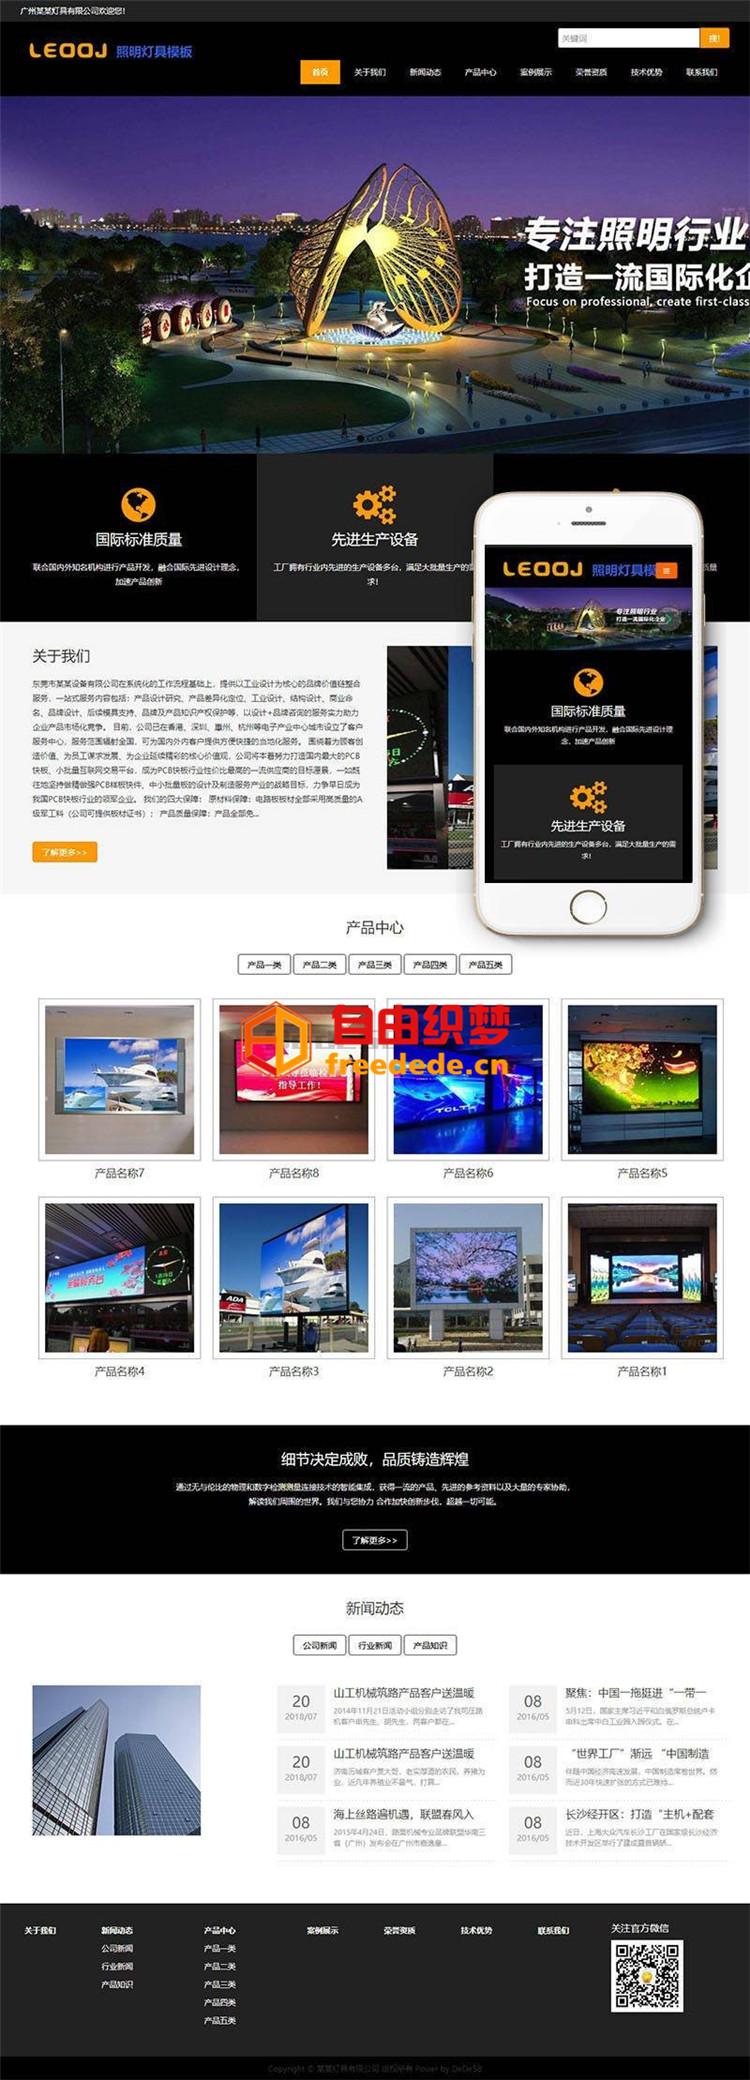 爱上源码网文章响应式舞台租赁显示屏类网站织梦模板(自适应手机端)营销型网站模板的内容插图